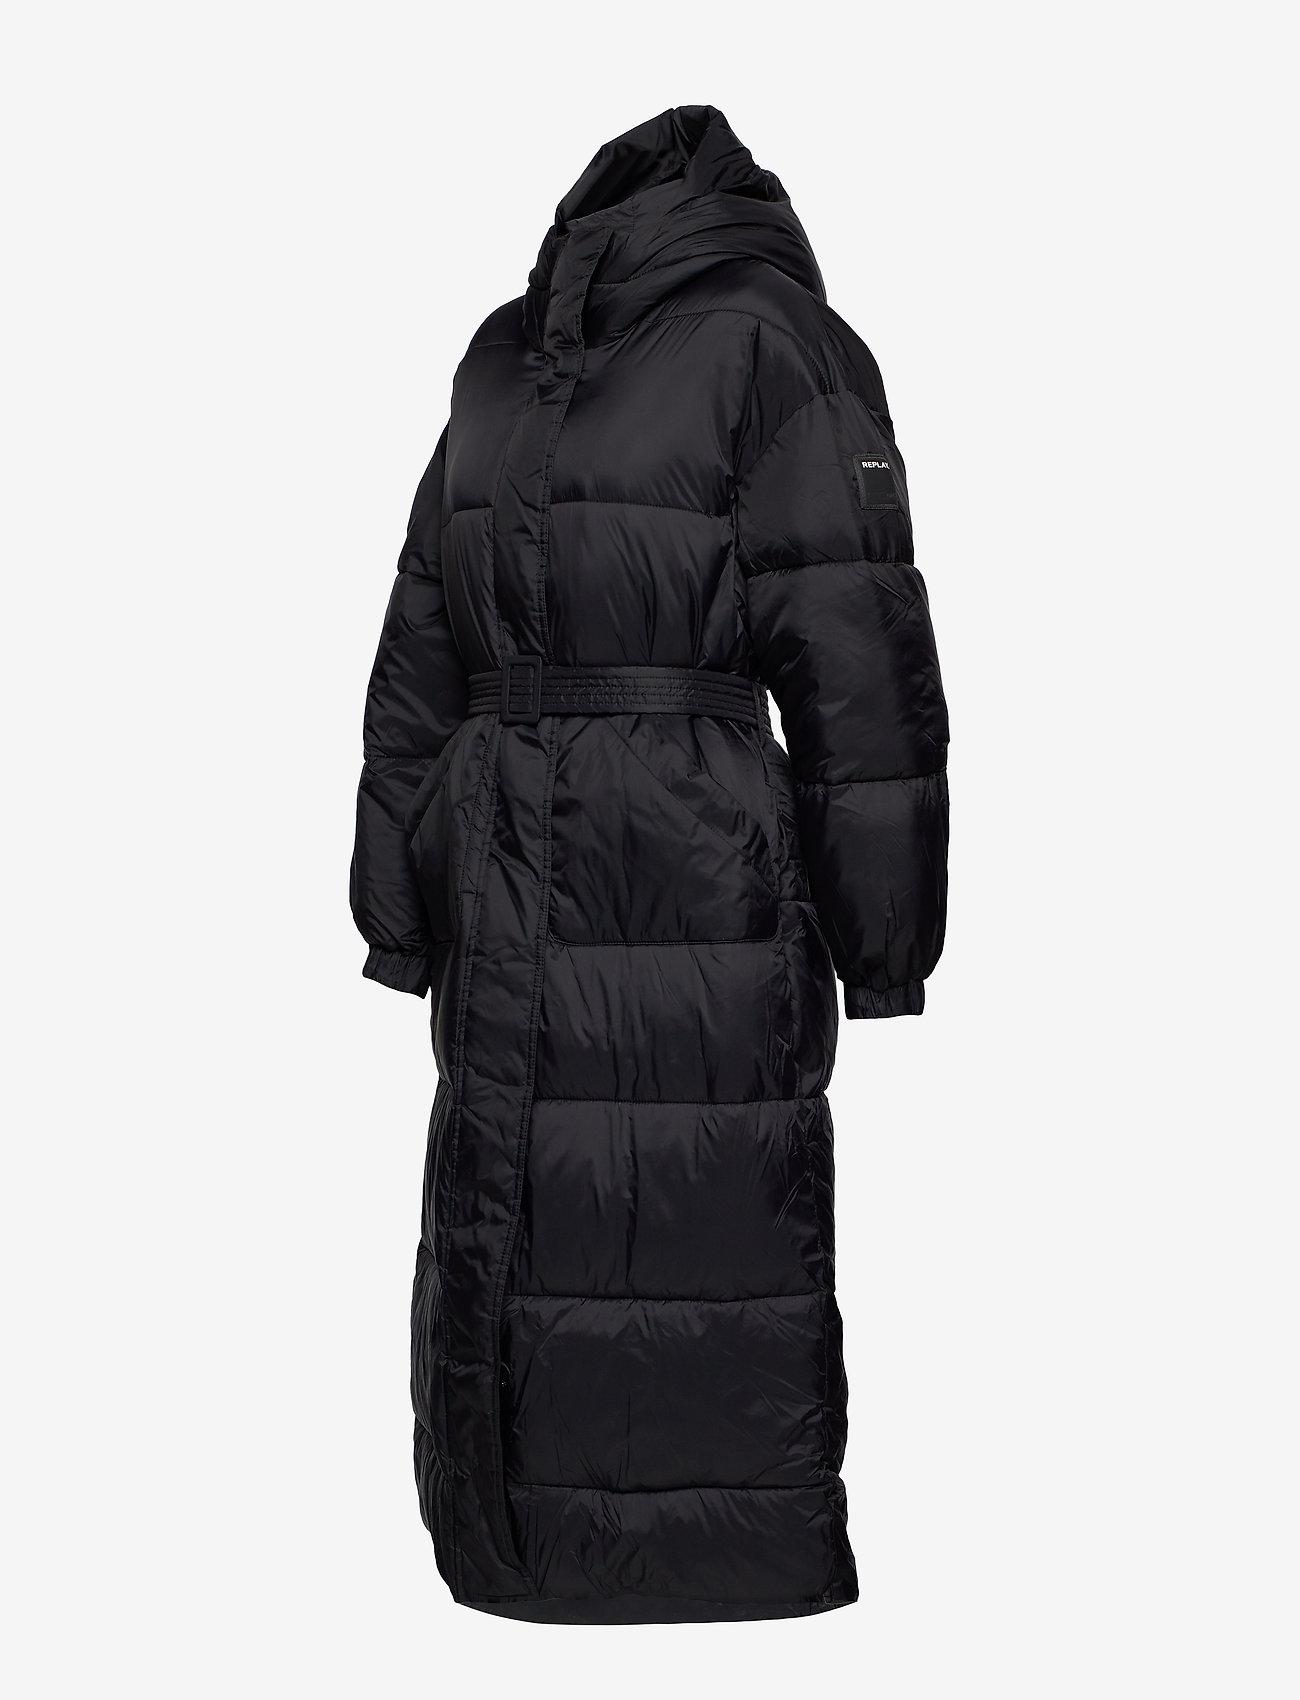 Replay Jacket - Kurtki i Płaszcze BLACK - Kobiety Odzież.